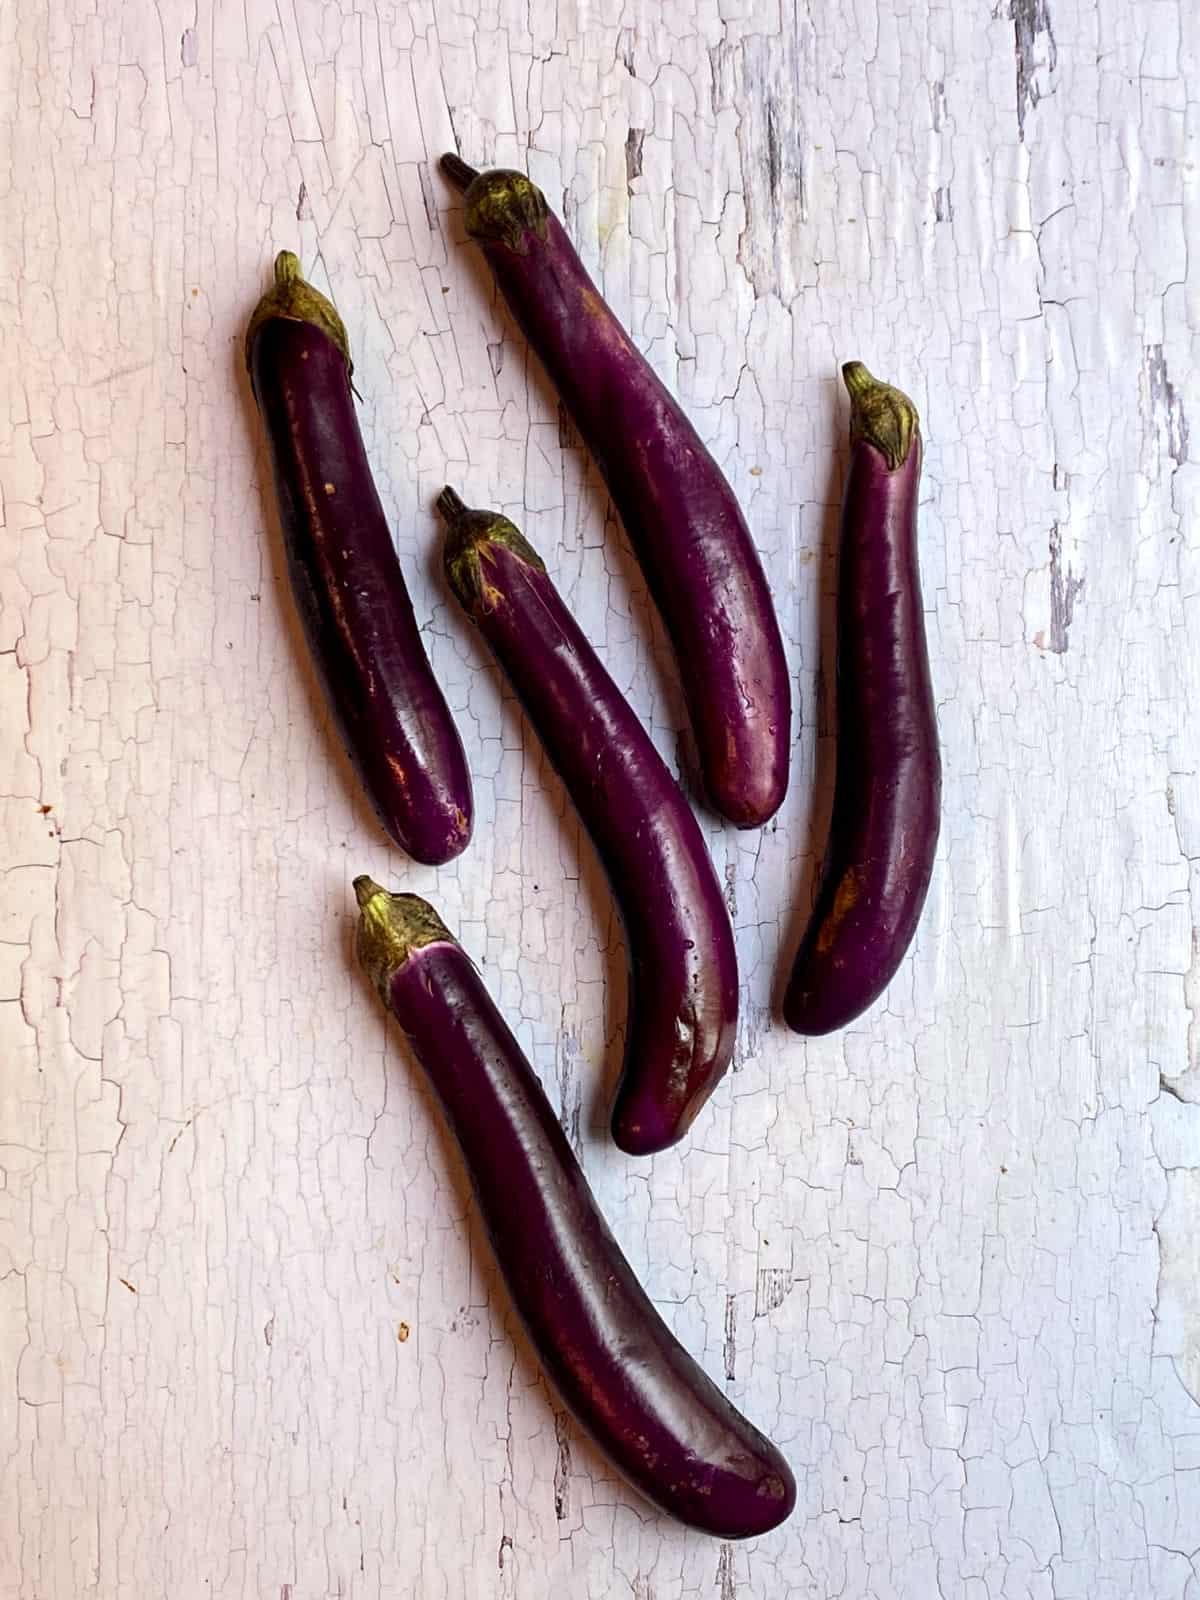 Five Japanese eggplants (aubergine)